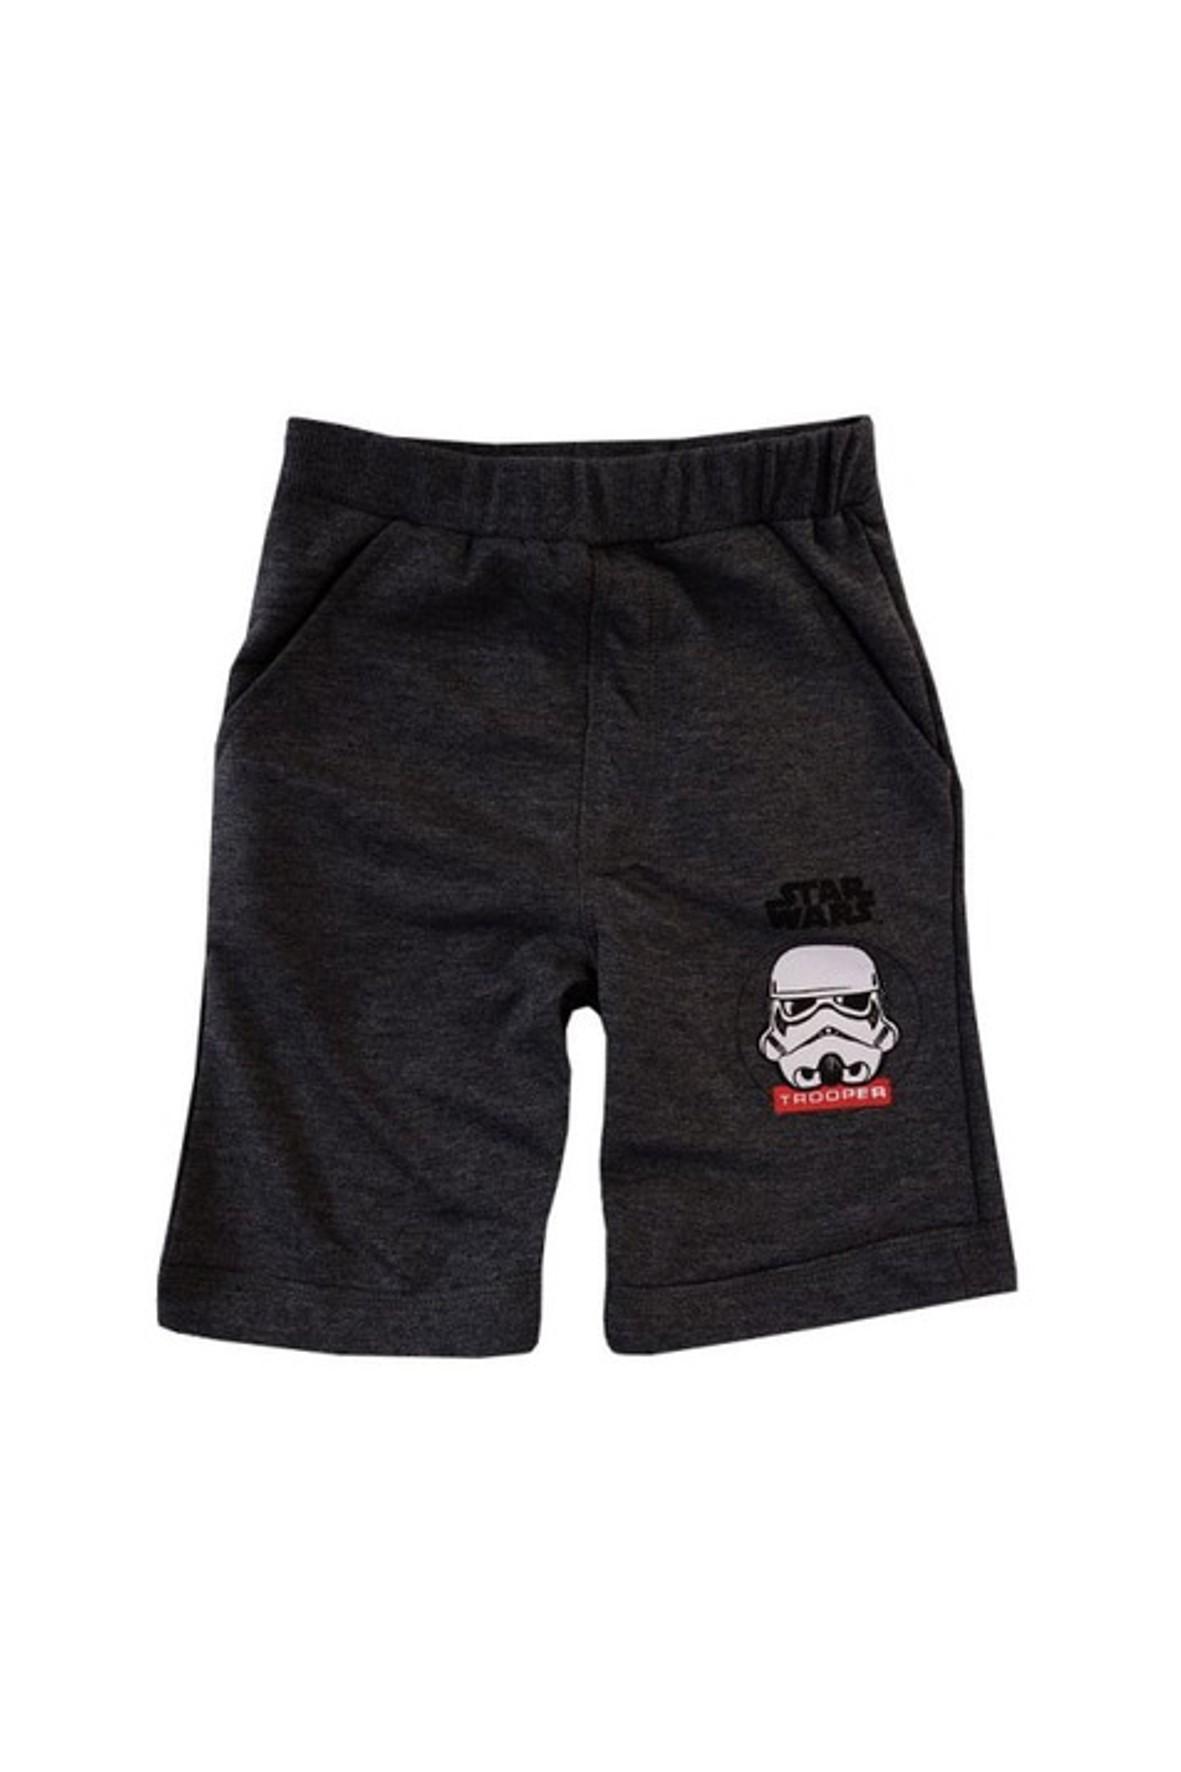 Szorty chłopięce Star Wars szare